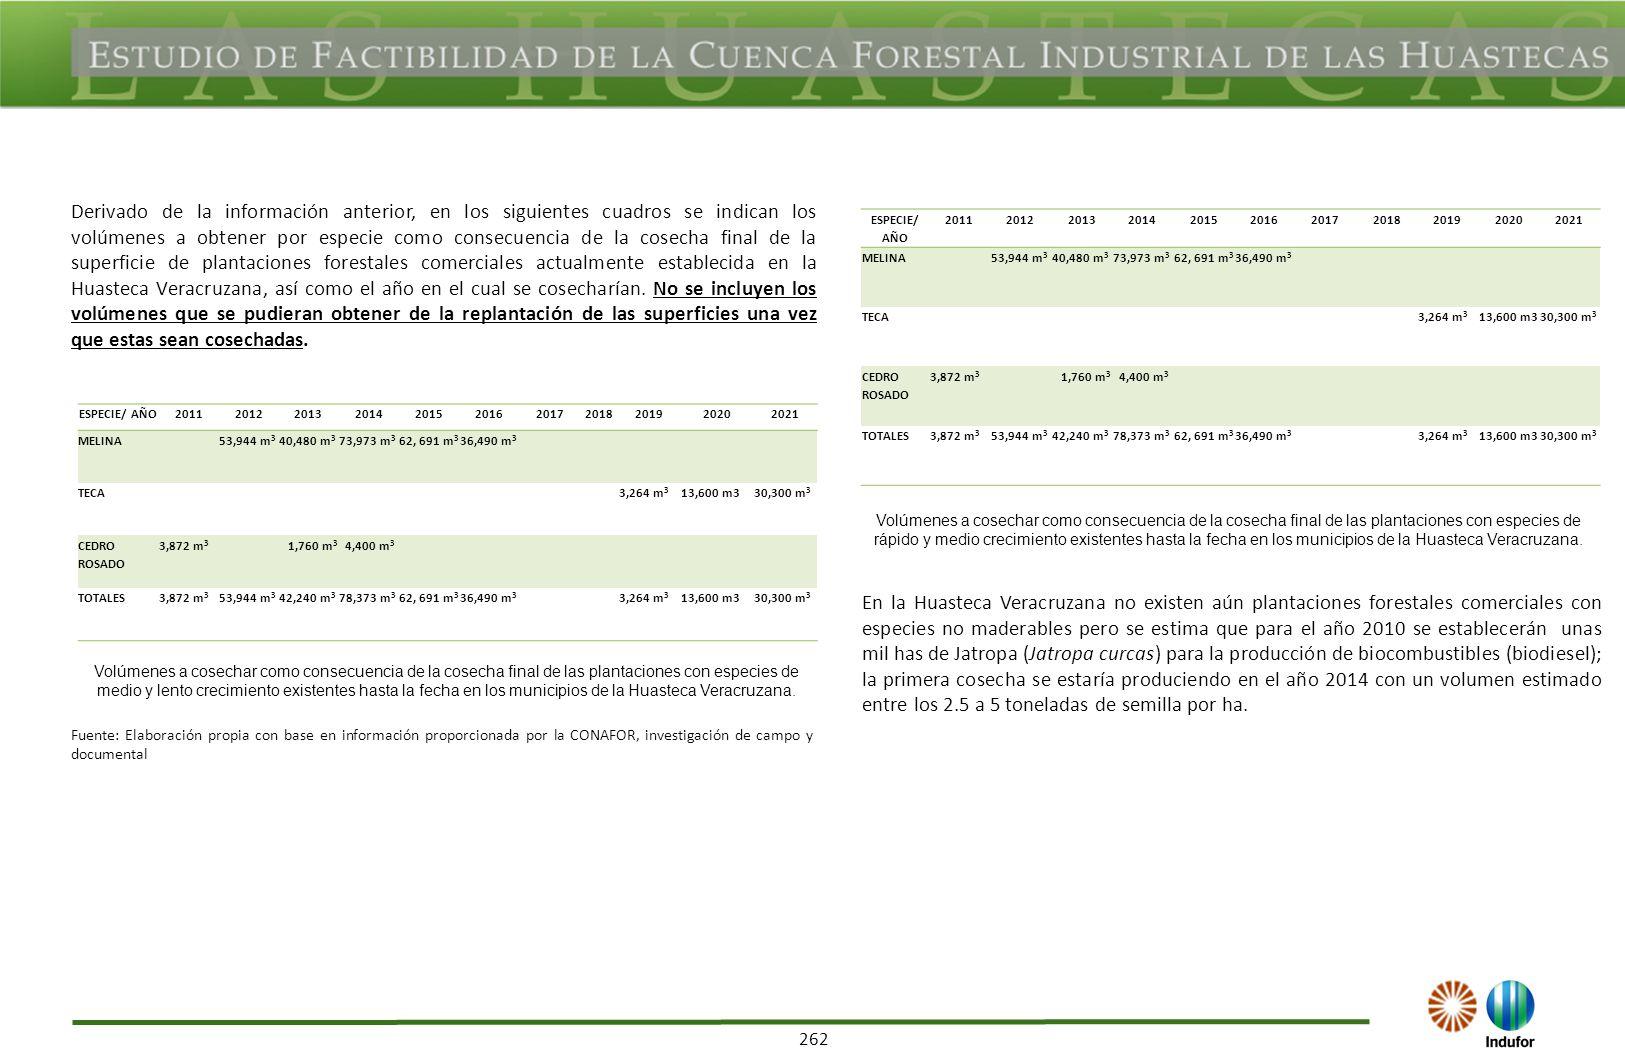 262 Derivado de la información anterior, en los siguientes cuadros se indican los volúmenes a obtener por especie como consecuencia de la cosecha fina